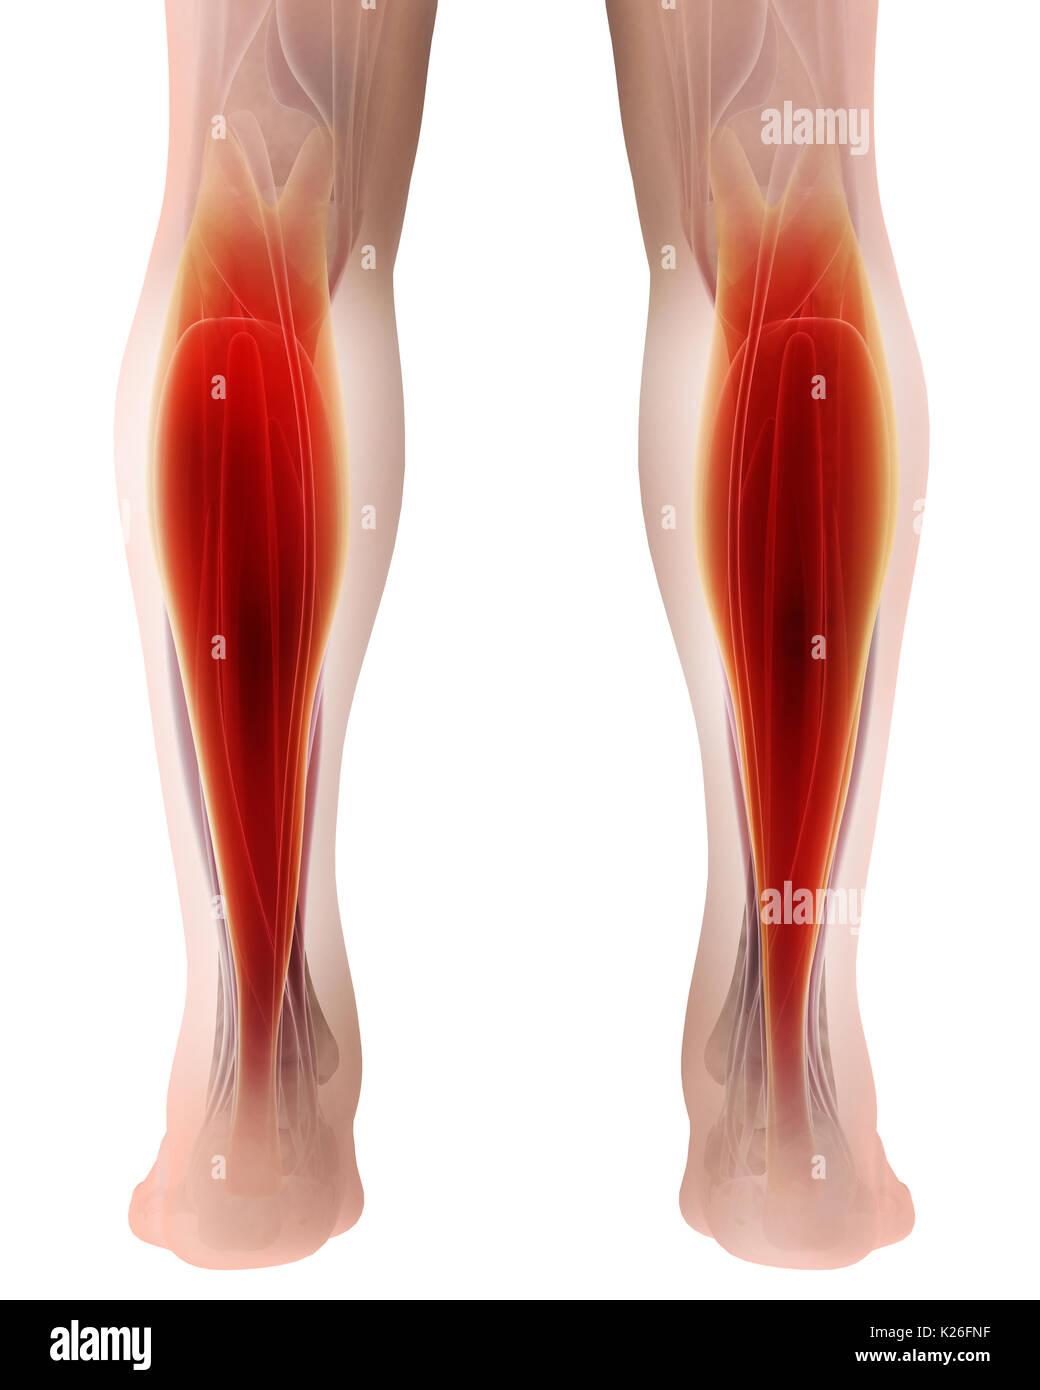 Knee 3d Scan Stockfotos & Knee 3d Scan Bilder - Alamy